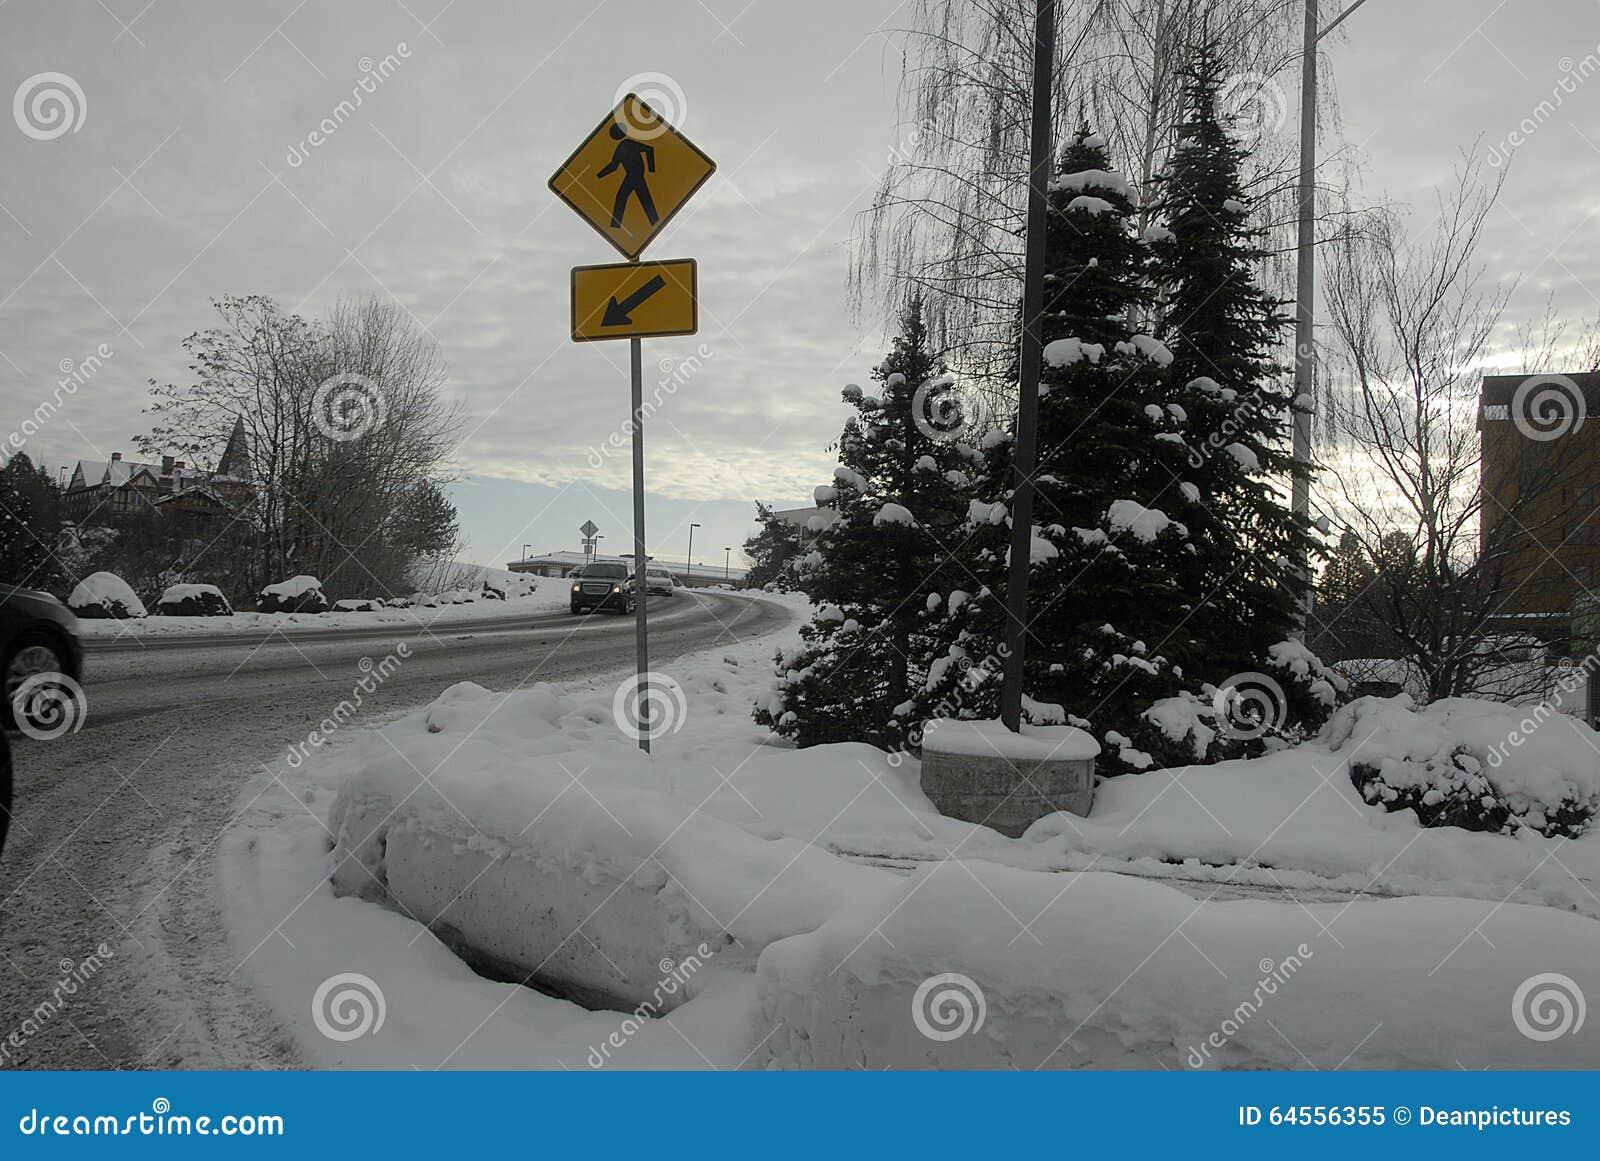 SNOW FALLS IN SPOKANE